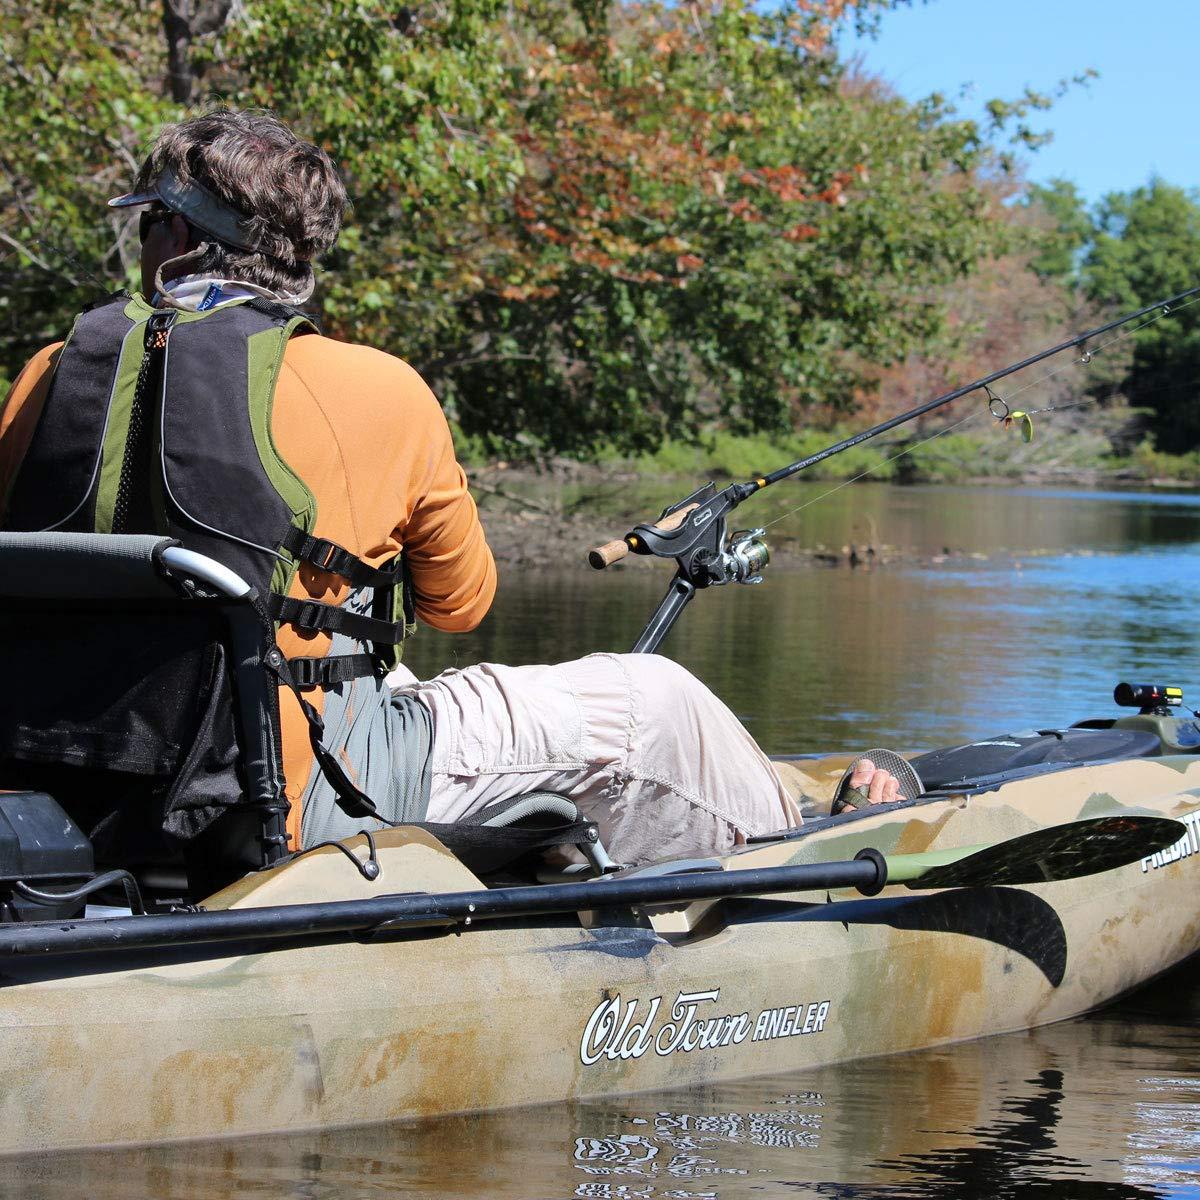 Old Town Predator XL Fishing Kayak with Rudder